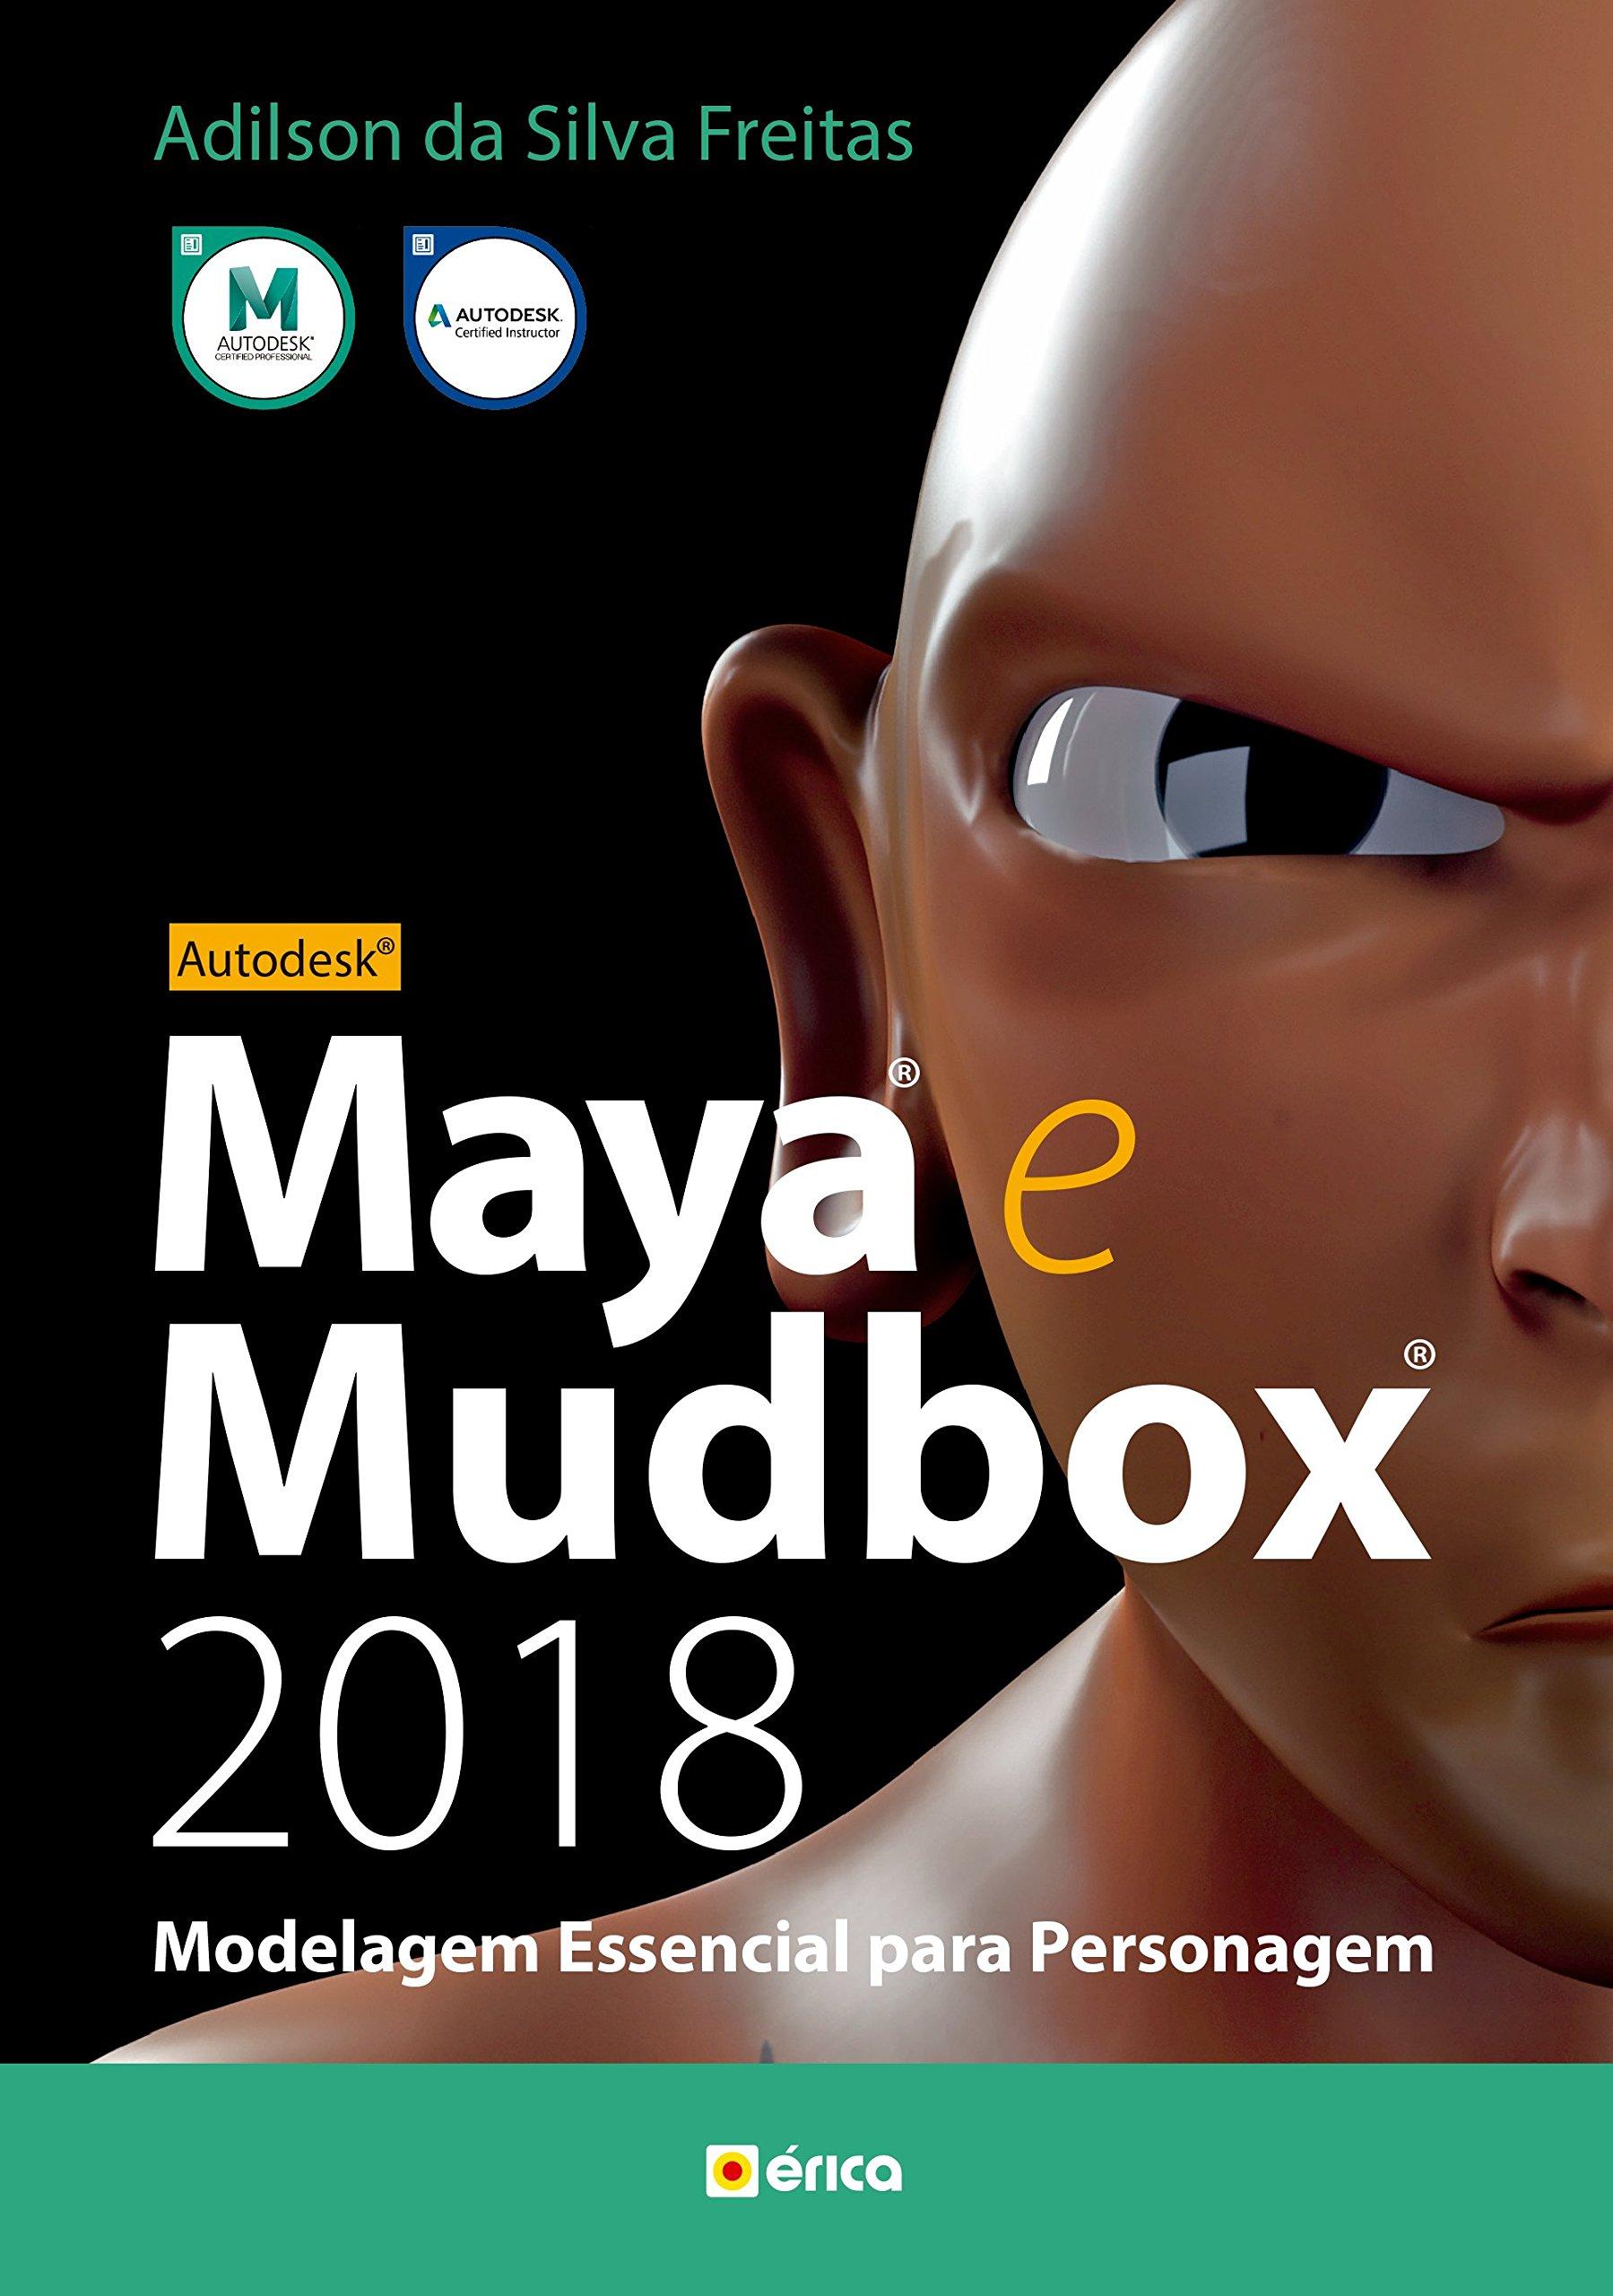 Autodesk  Maya e Mudbox  Modelagem Essencial Para Personagem  2018